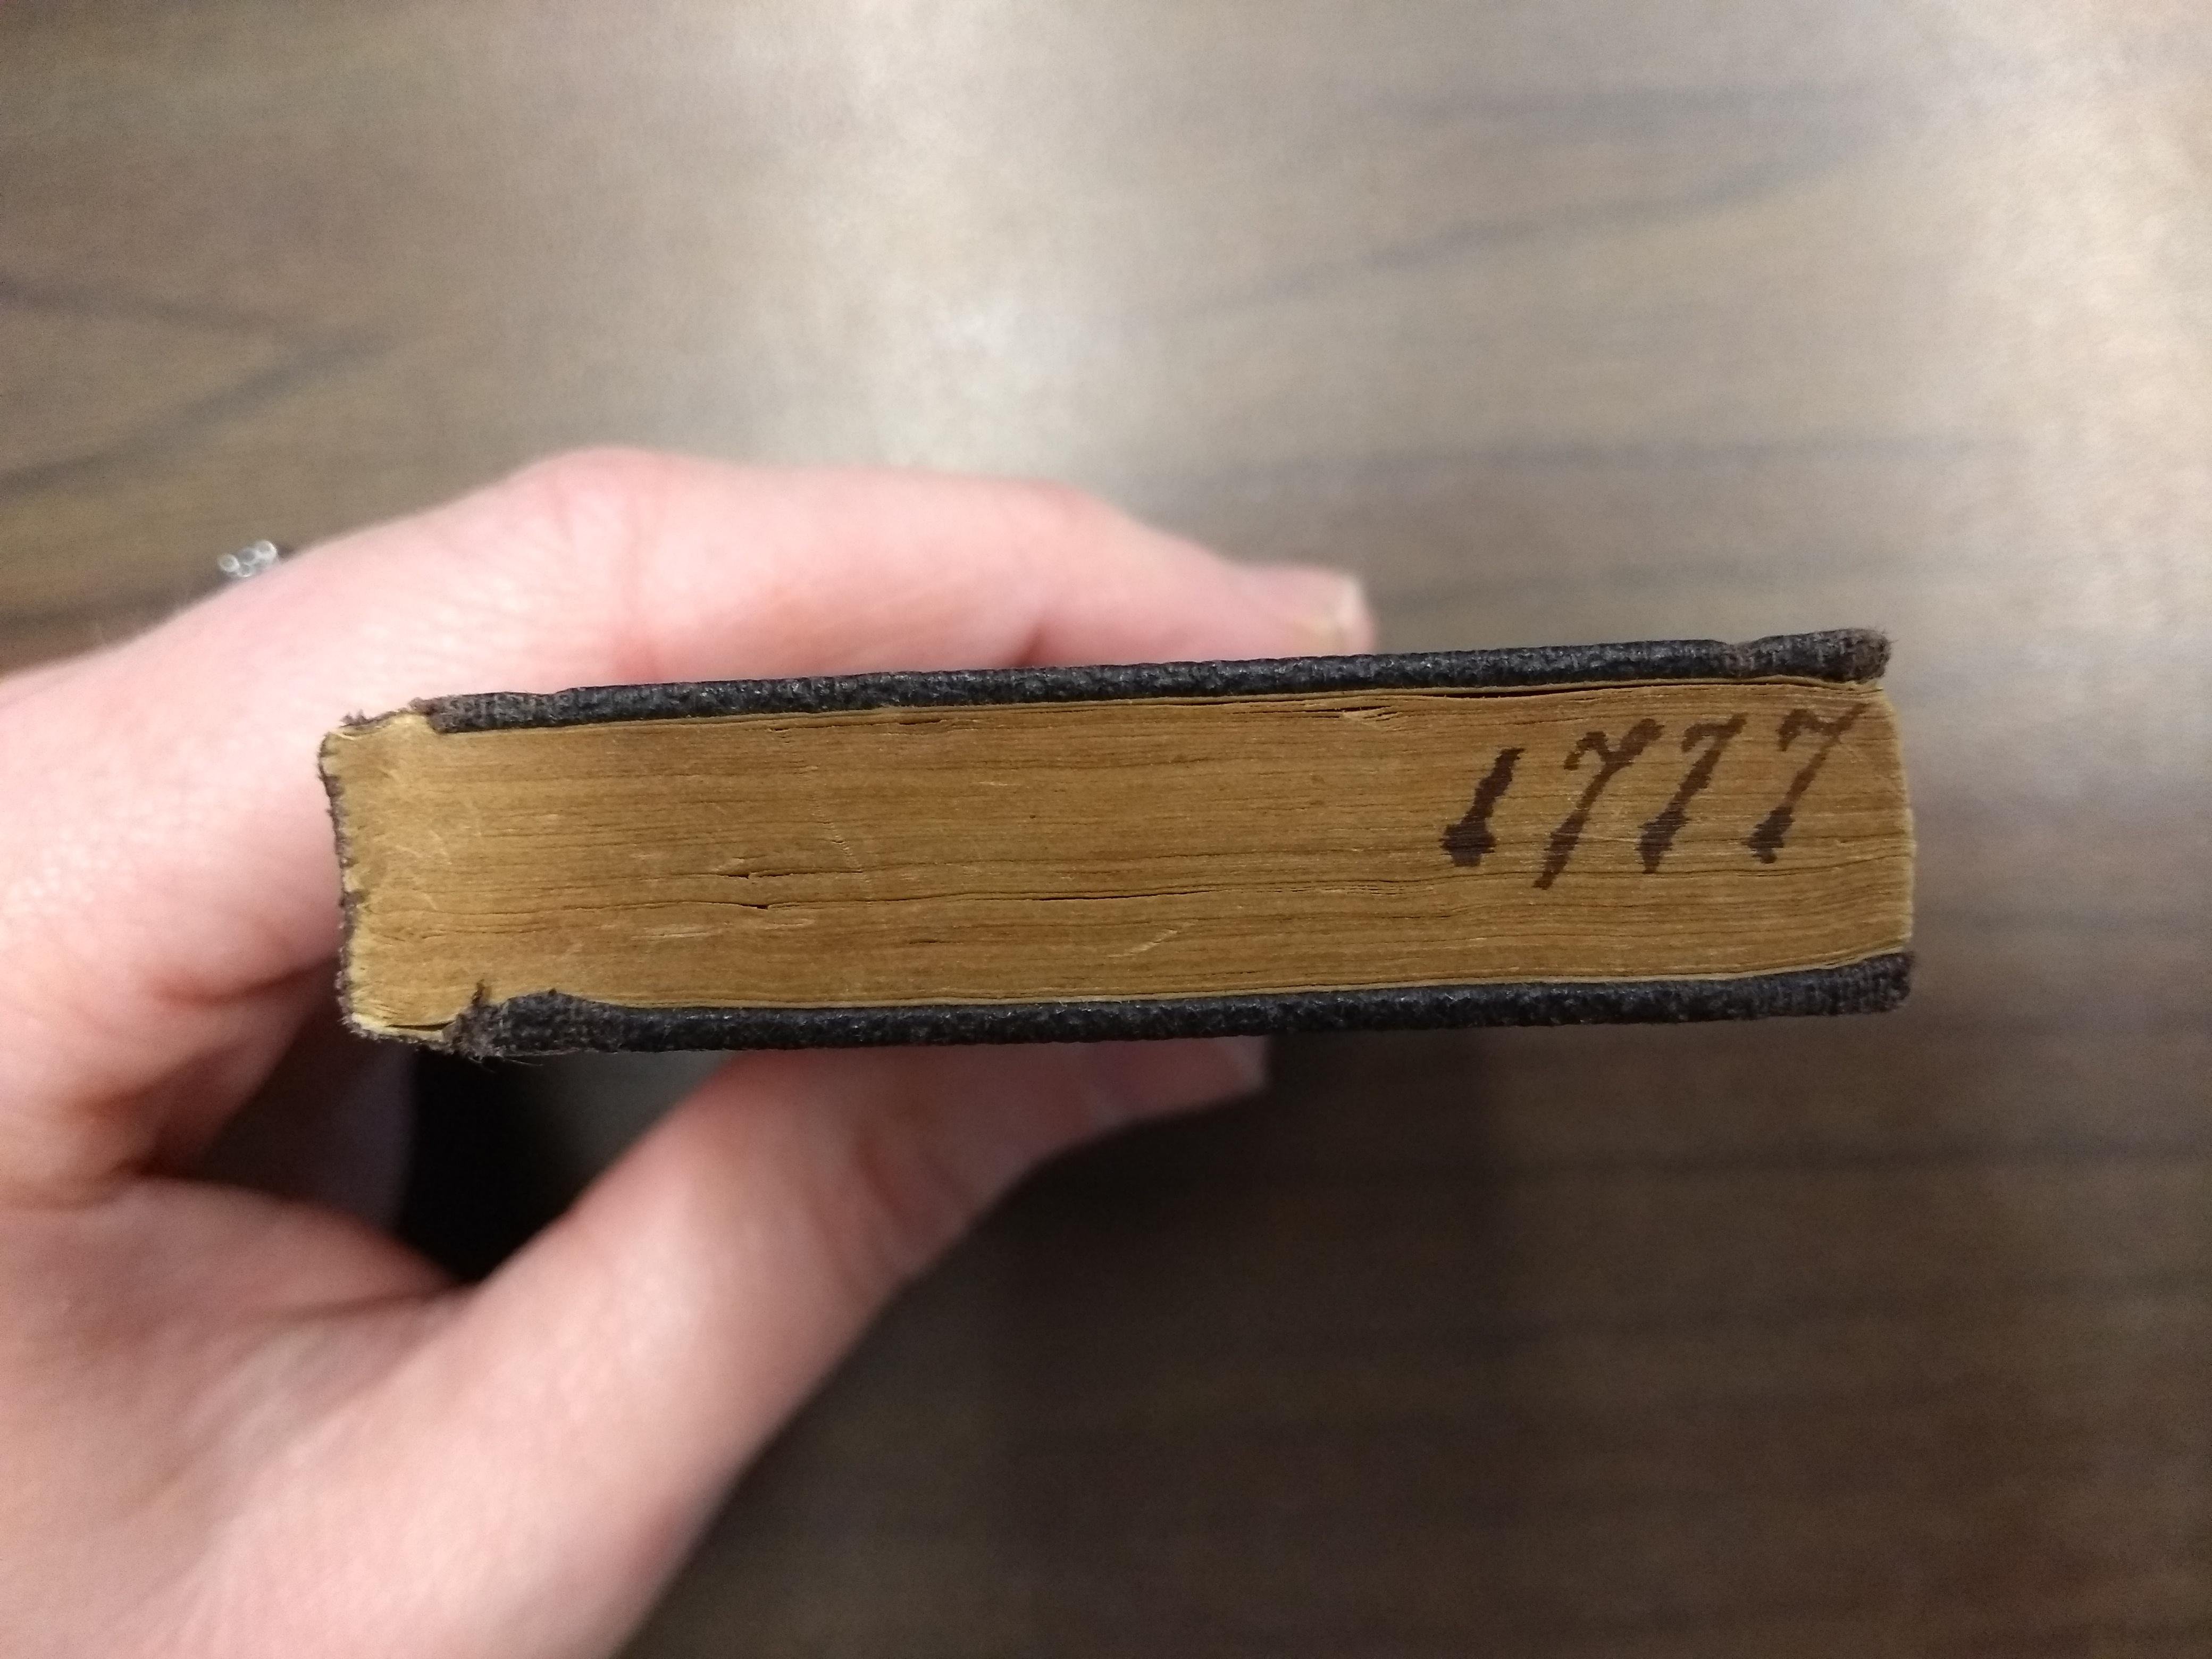 Zeelands Chronyk Almanach voor den Jaare 1777. Bevattende eene Beschryvinge der Provincie Zeeland, van deszelfs Opkomst tot deezen tegenwoordigen Tyd. Ten Dienste der Jeugd, gesteld in Vragen en Antwoorden, Voorzien met alle het noodige, behoorende tot ee